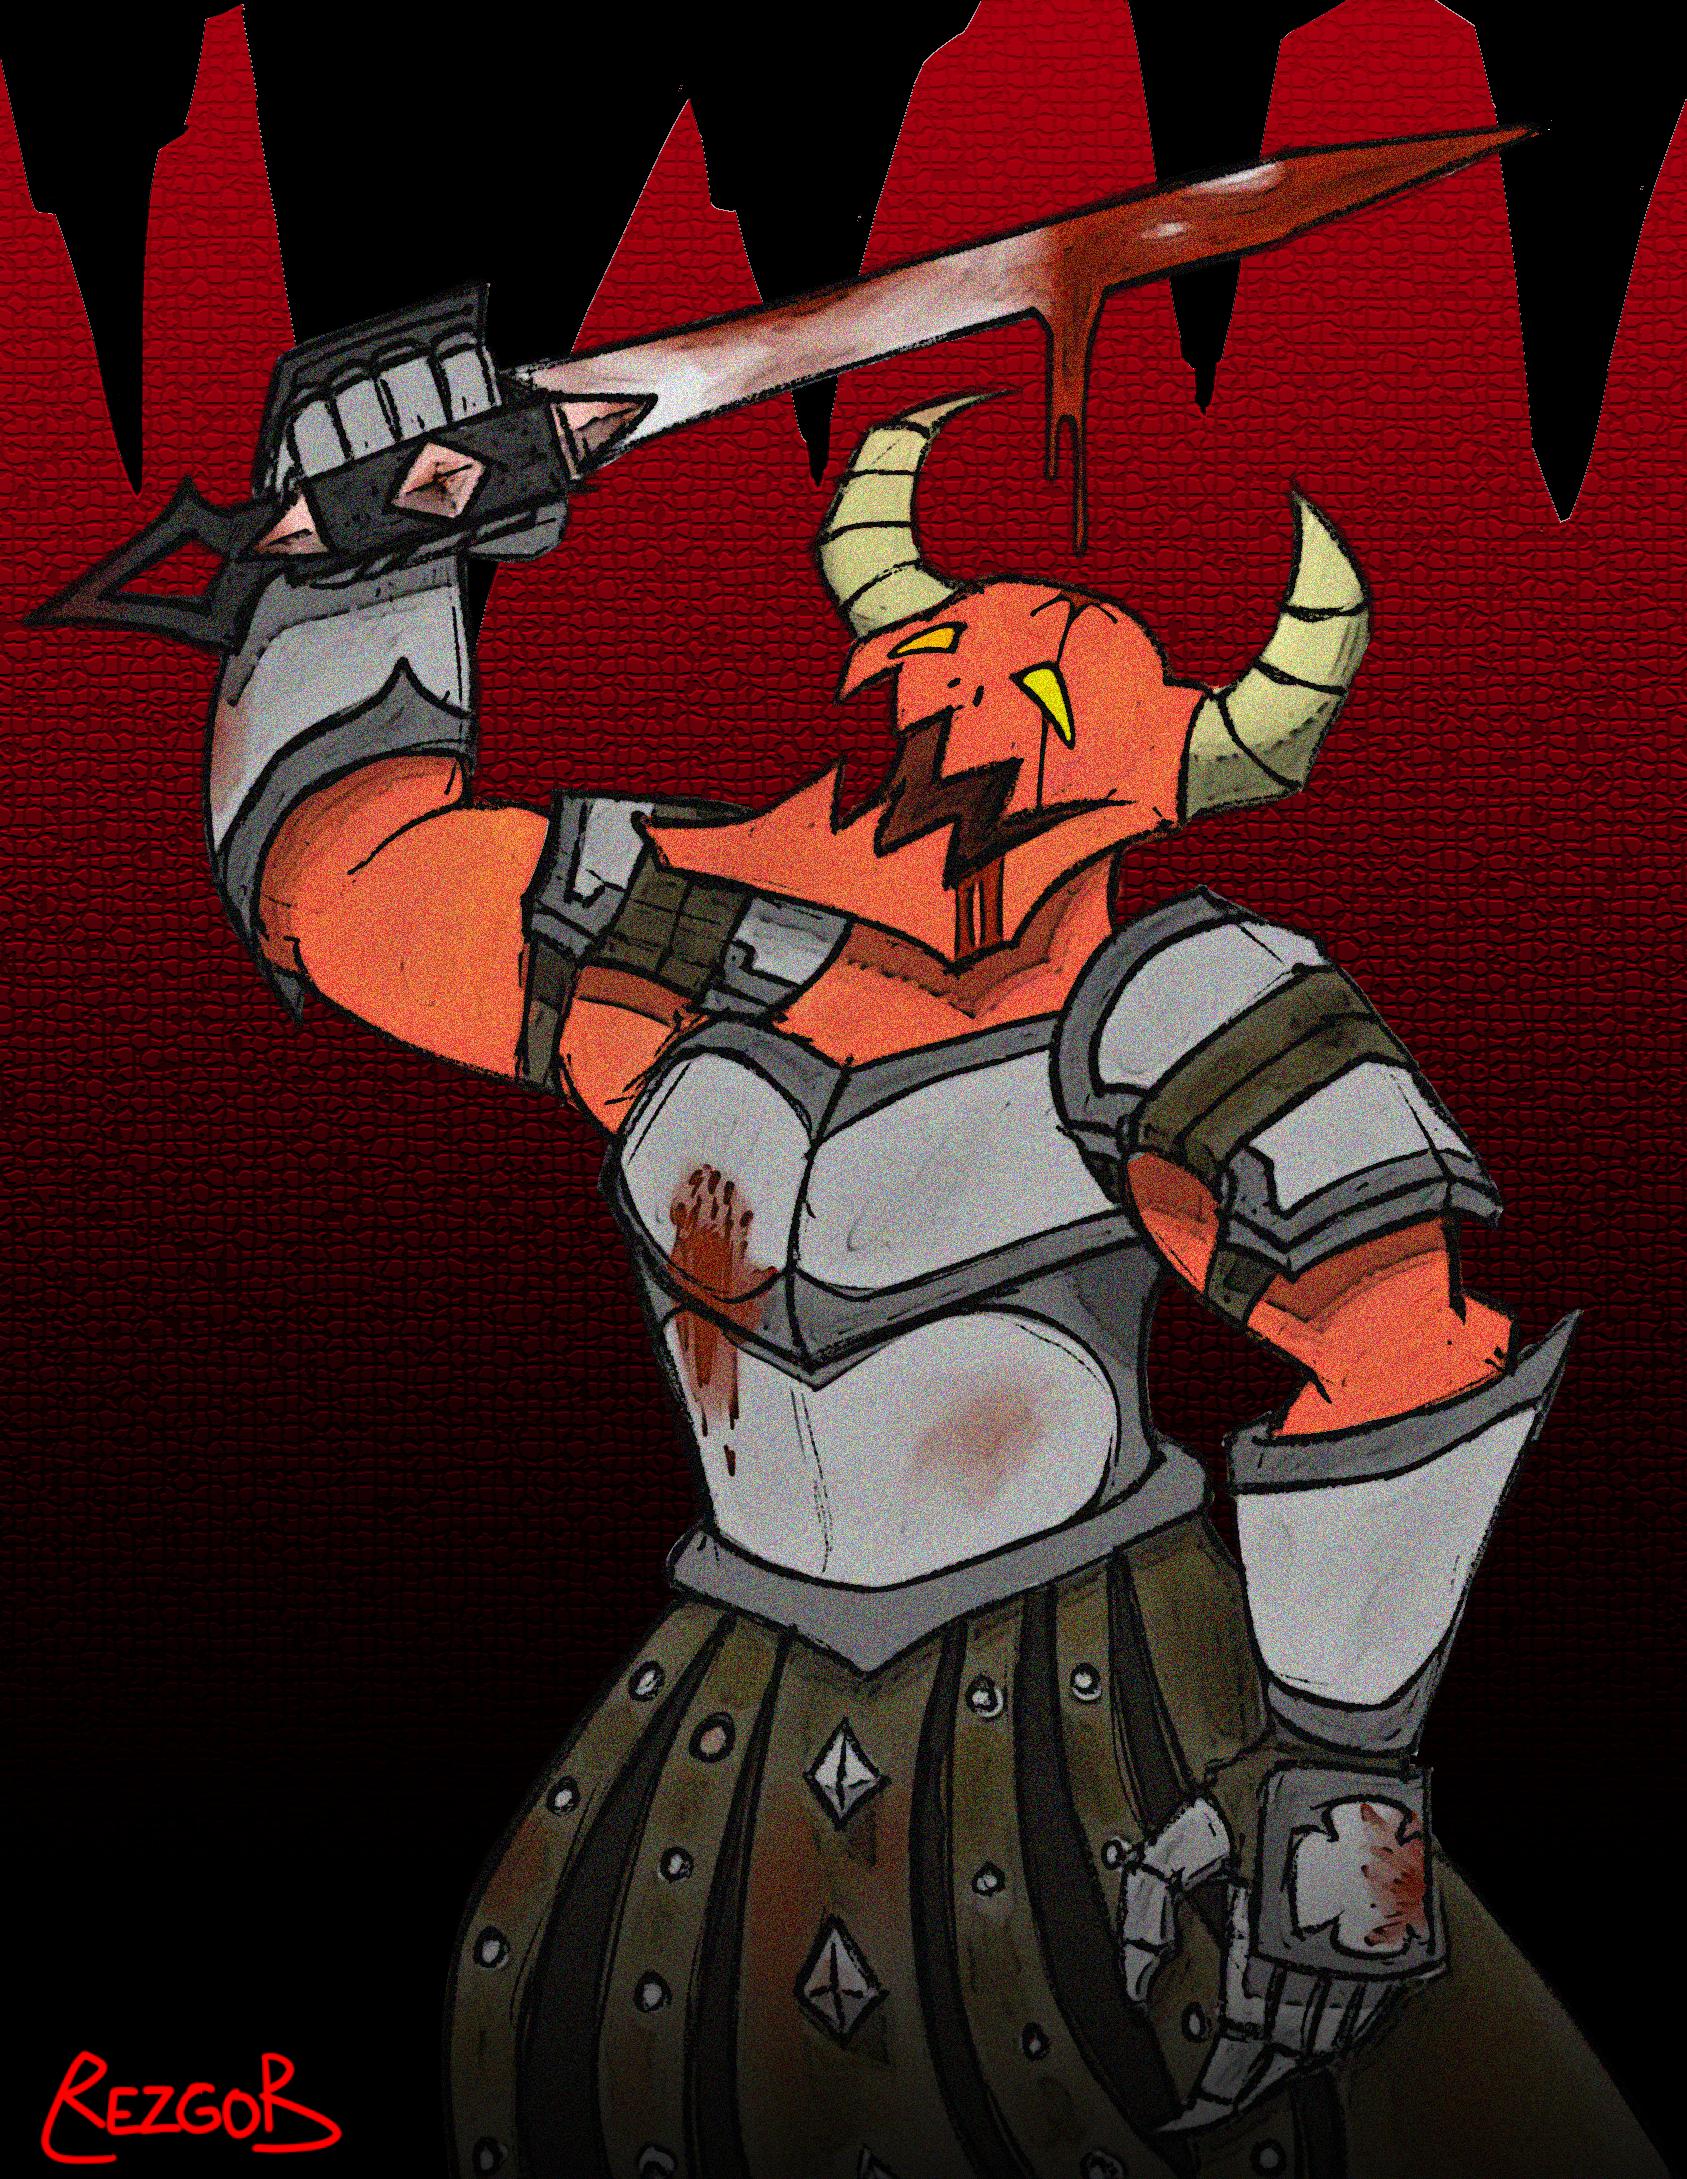 Sword-Wielding Demon